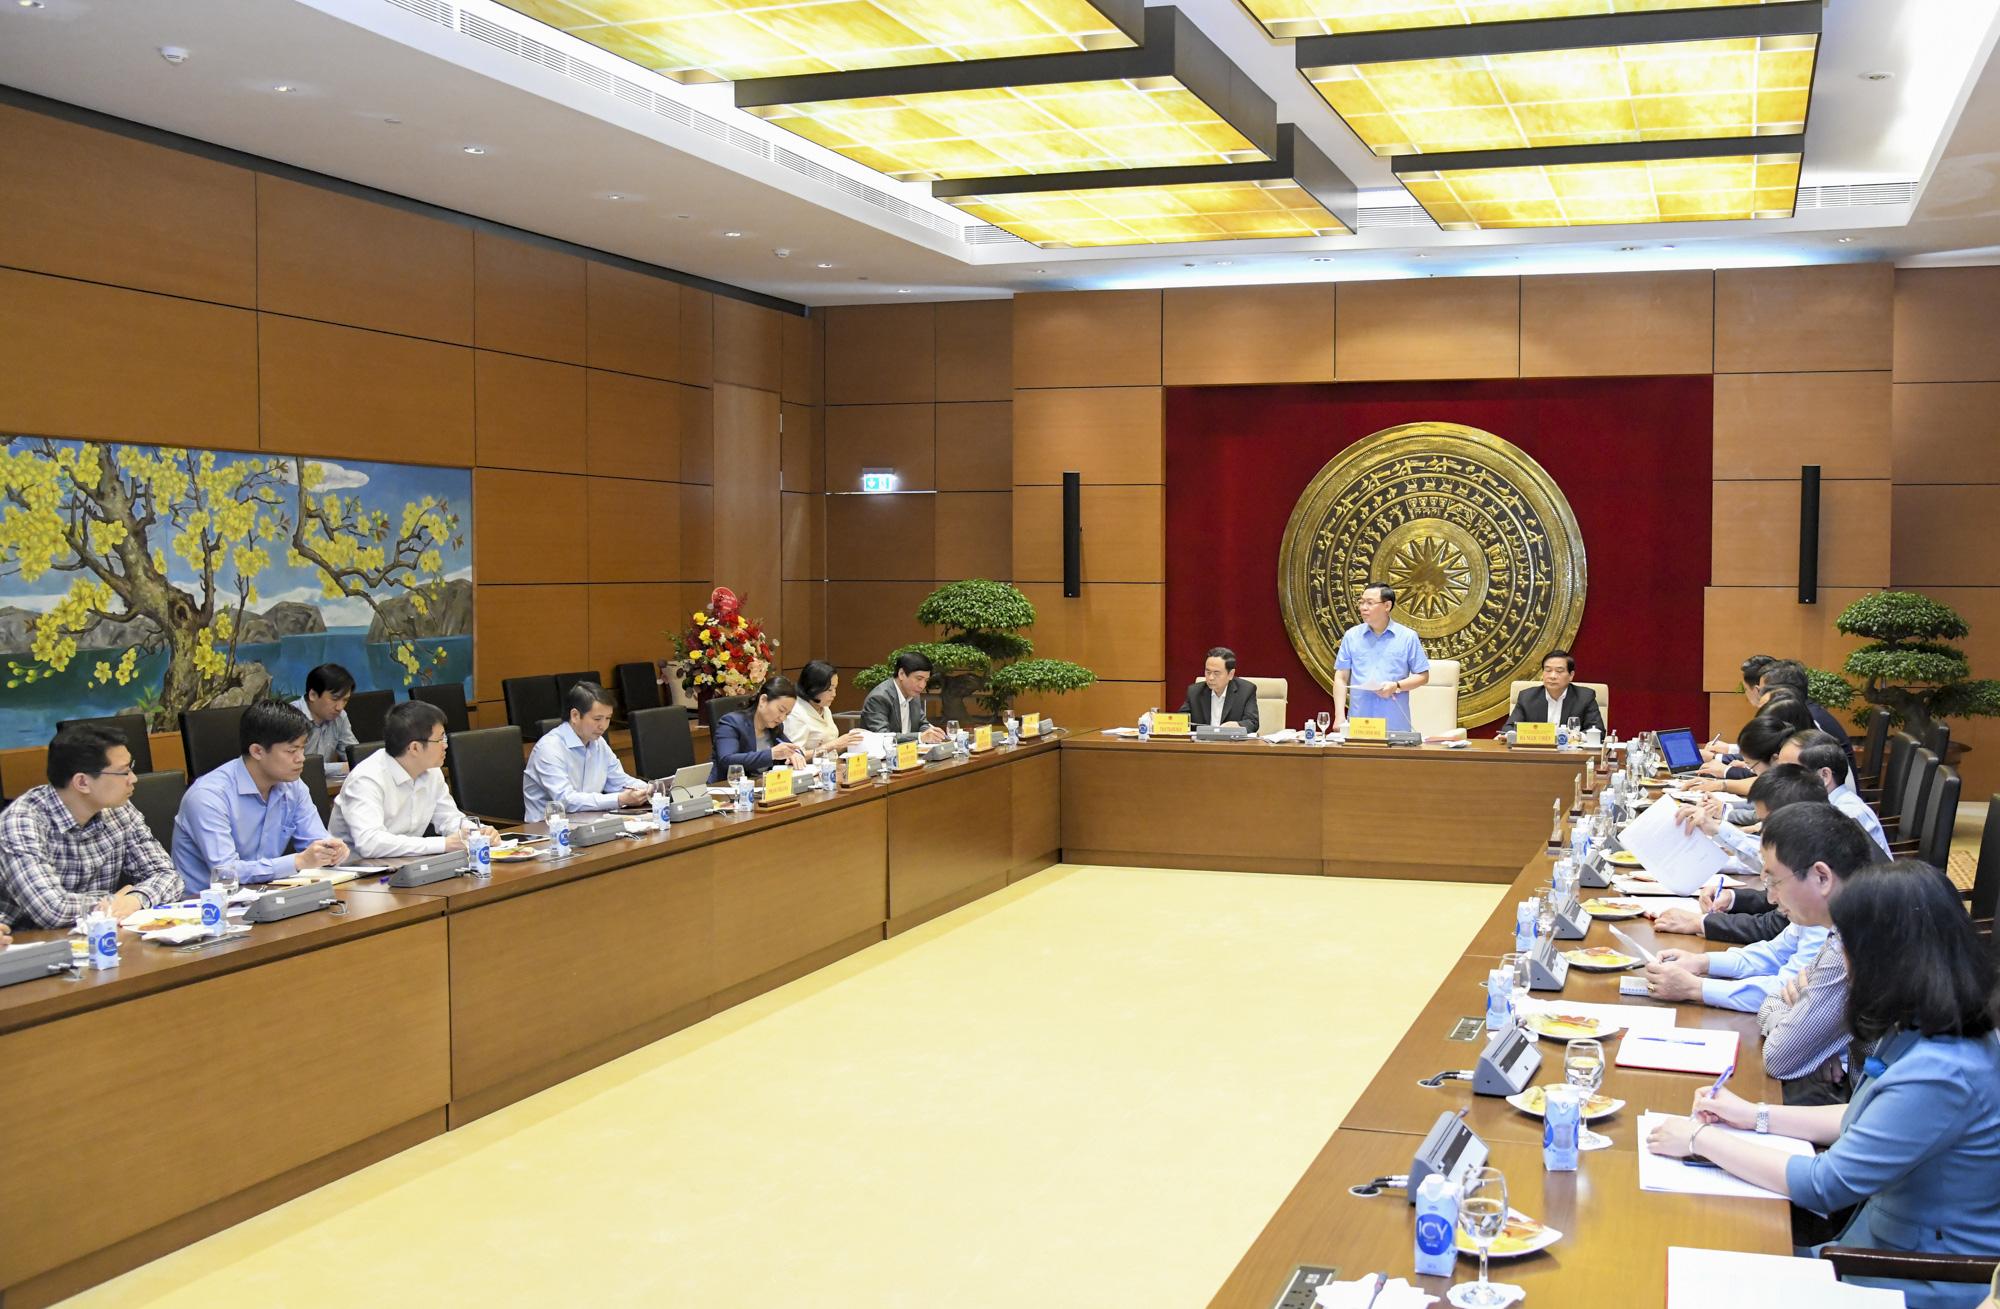 Ảnh: Chủ tịch Quốc hội Vương Đình Huệ làm việc với Hội đồng Dân tộc - Ảnh 10.